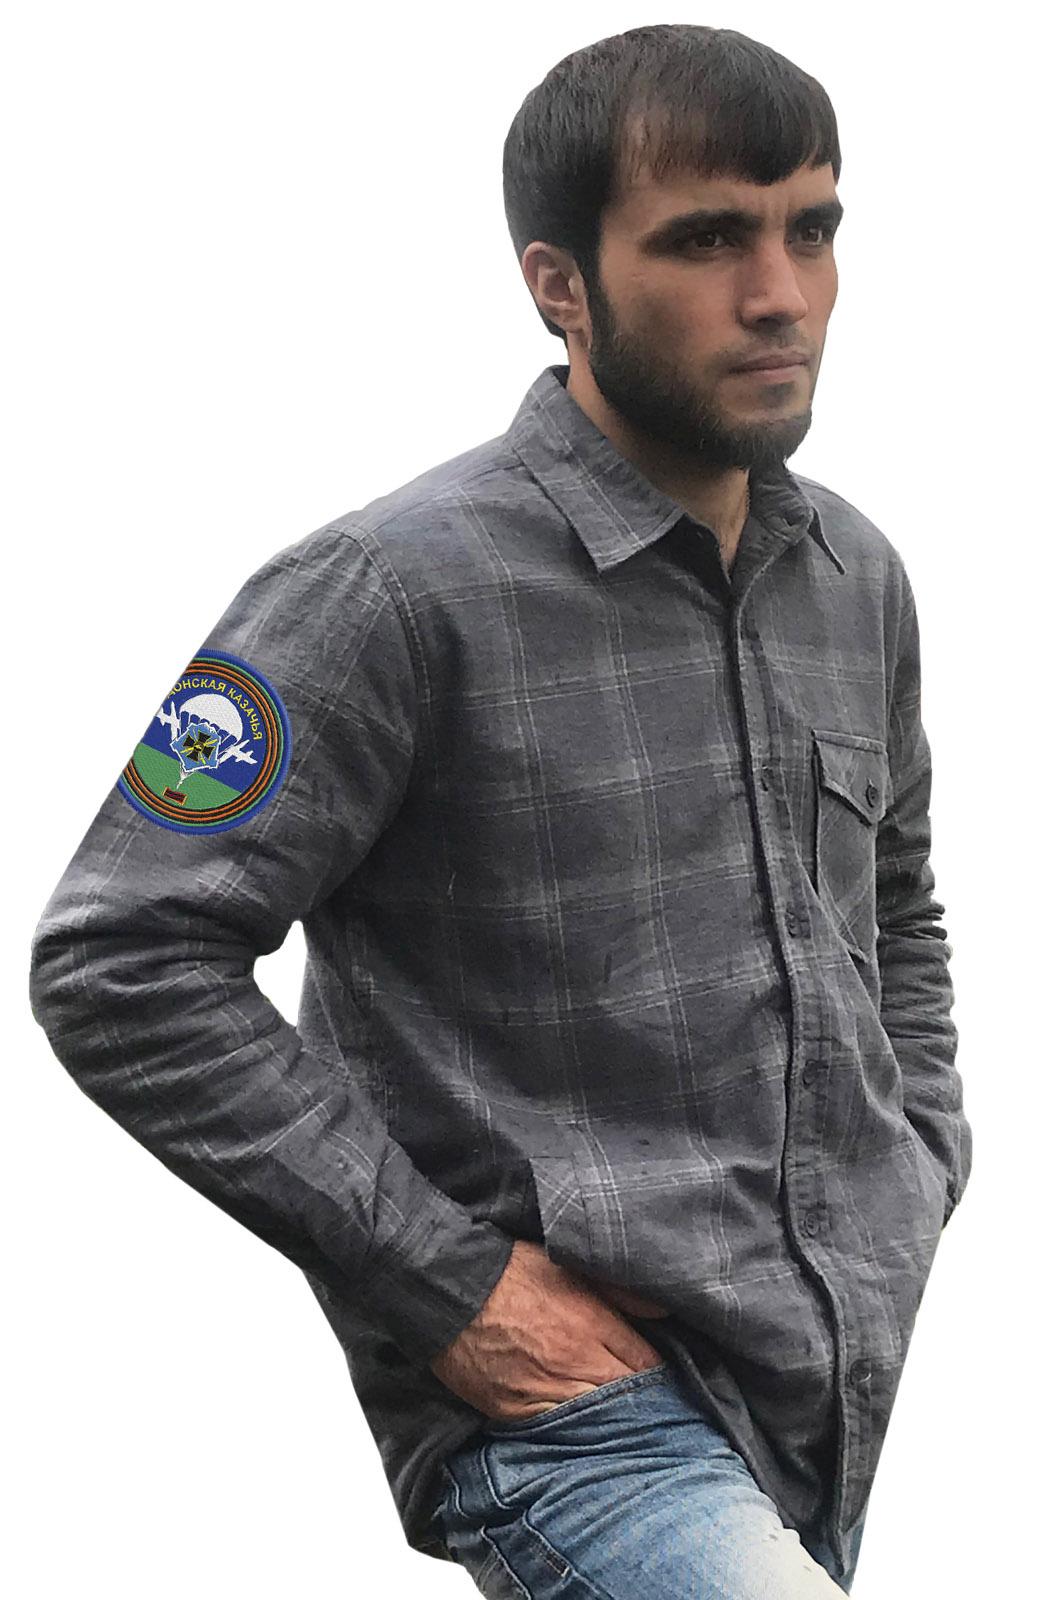 Надежная рубашка с вышитым шевроном Донской Казачьей